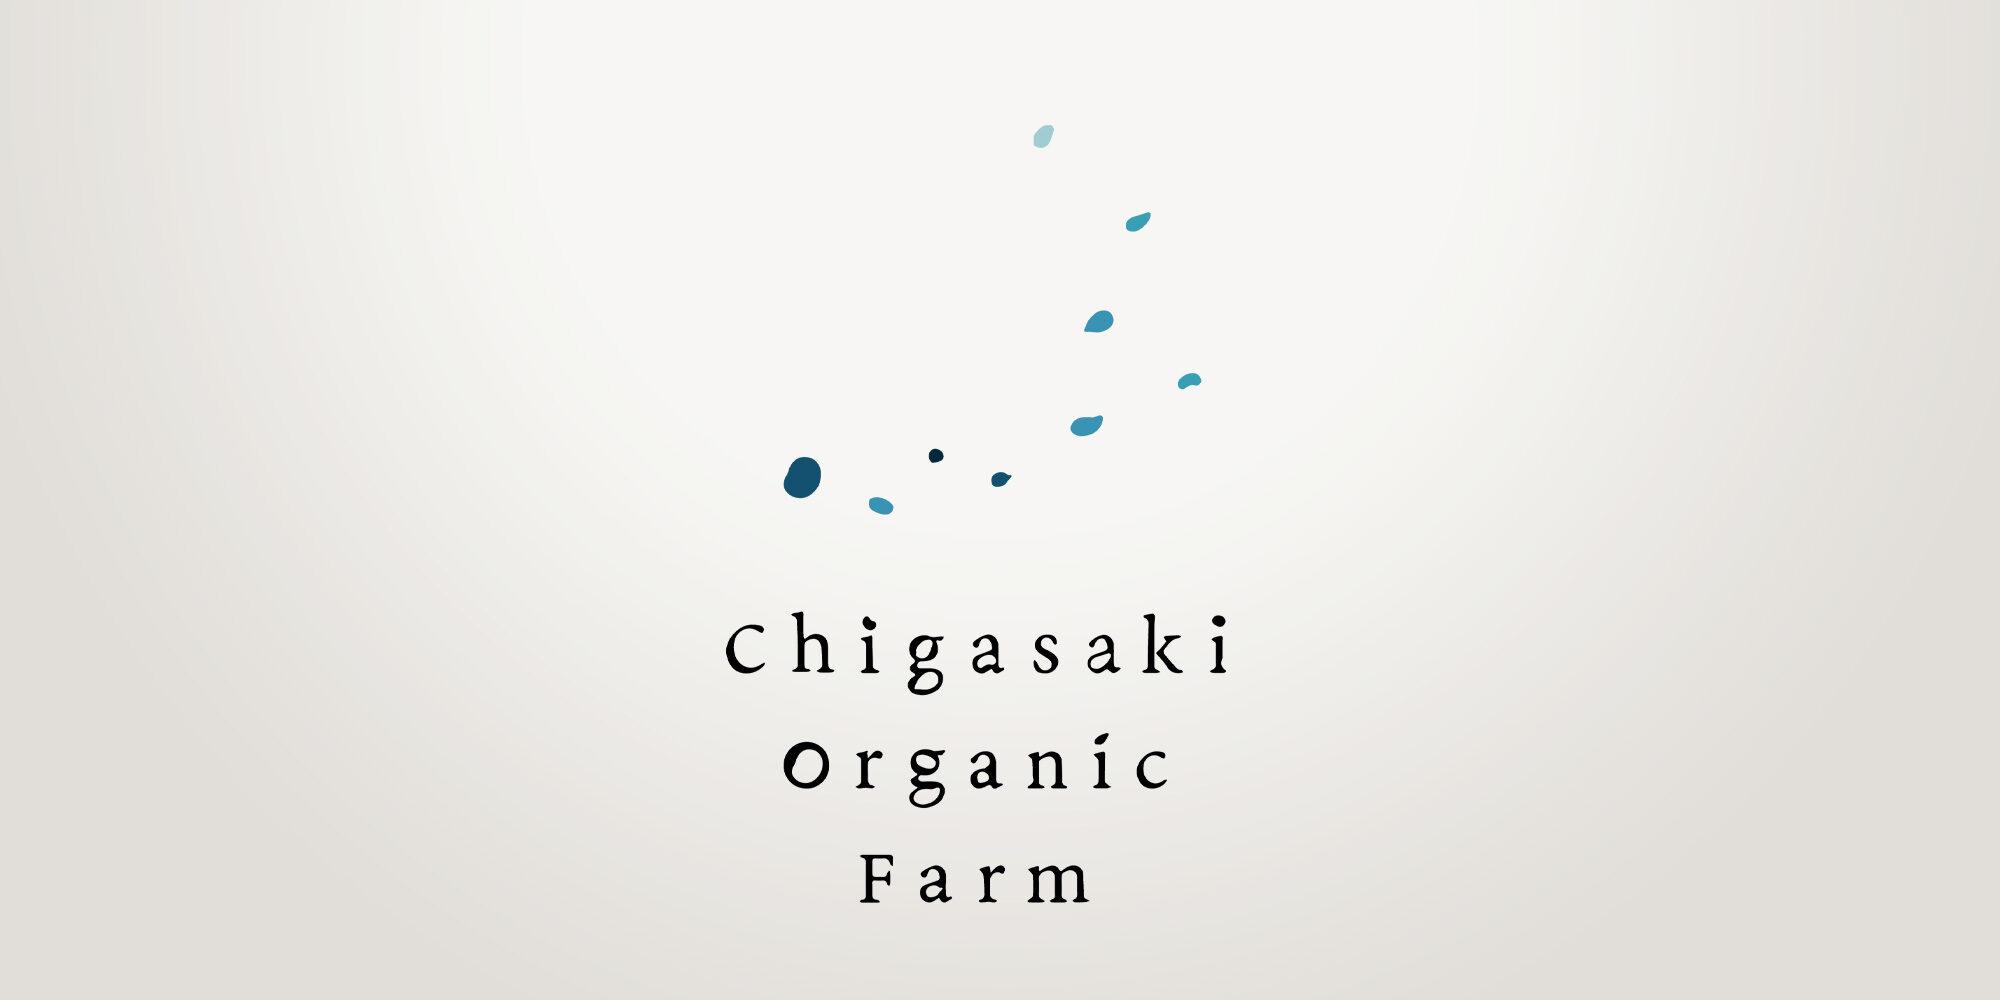 茅ヶ崎の里山で有機農業を営む Chigasaki Organic Farm様 ロゴマーク制作